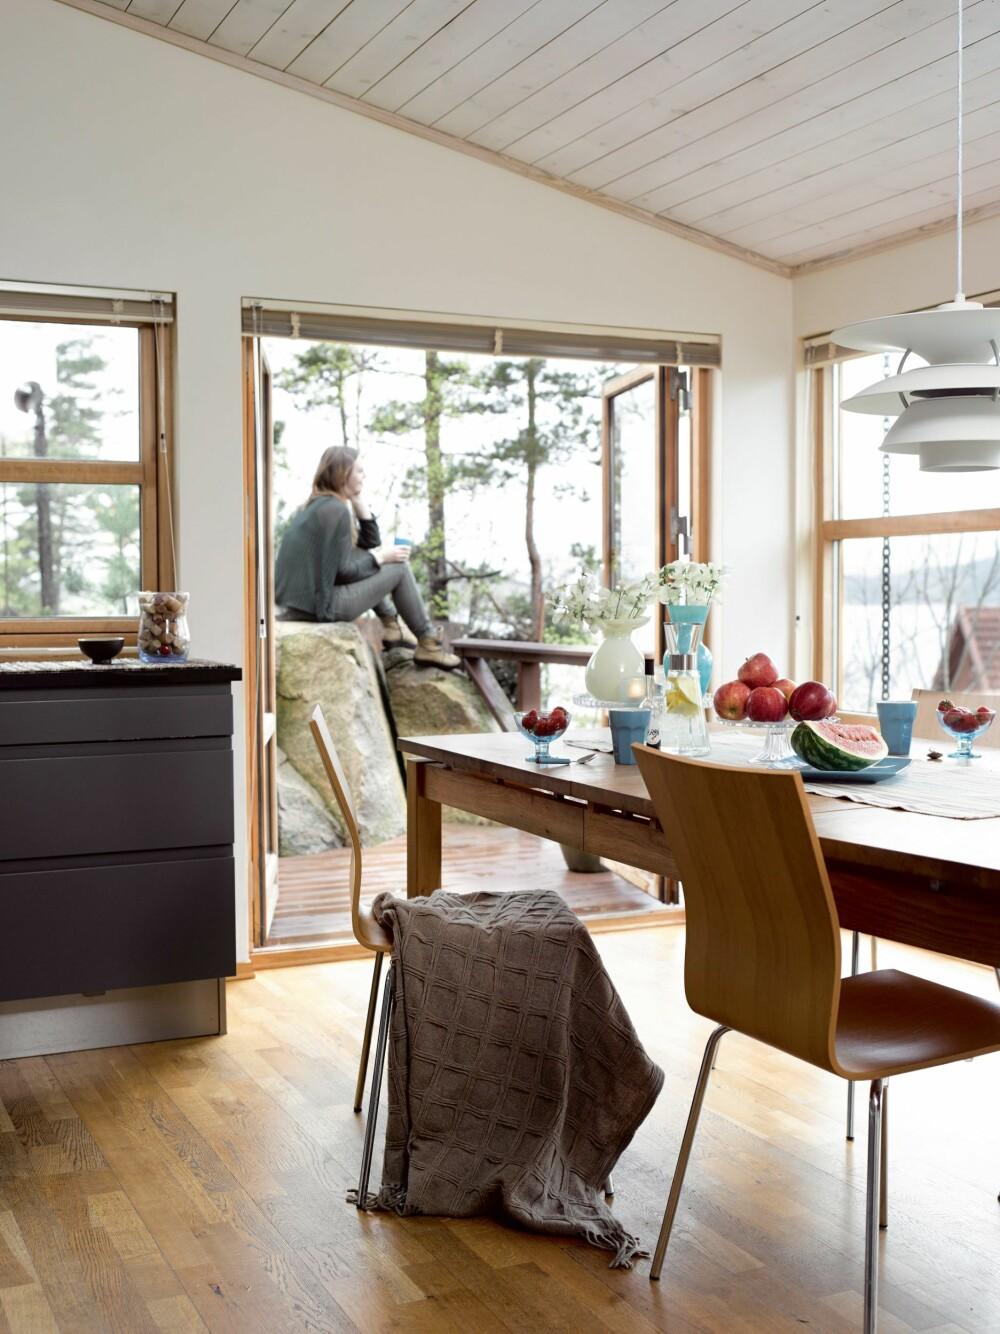 EN EGEN UTSIKTSSTEIN:  Det er godt med en kaffekopp på utsiktssteinen rett utenfor kjøkkenet. Eierne  anbefaler å sprenge minst mulig, og heller tilpasse hytta til tomta.